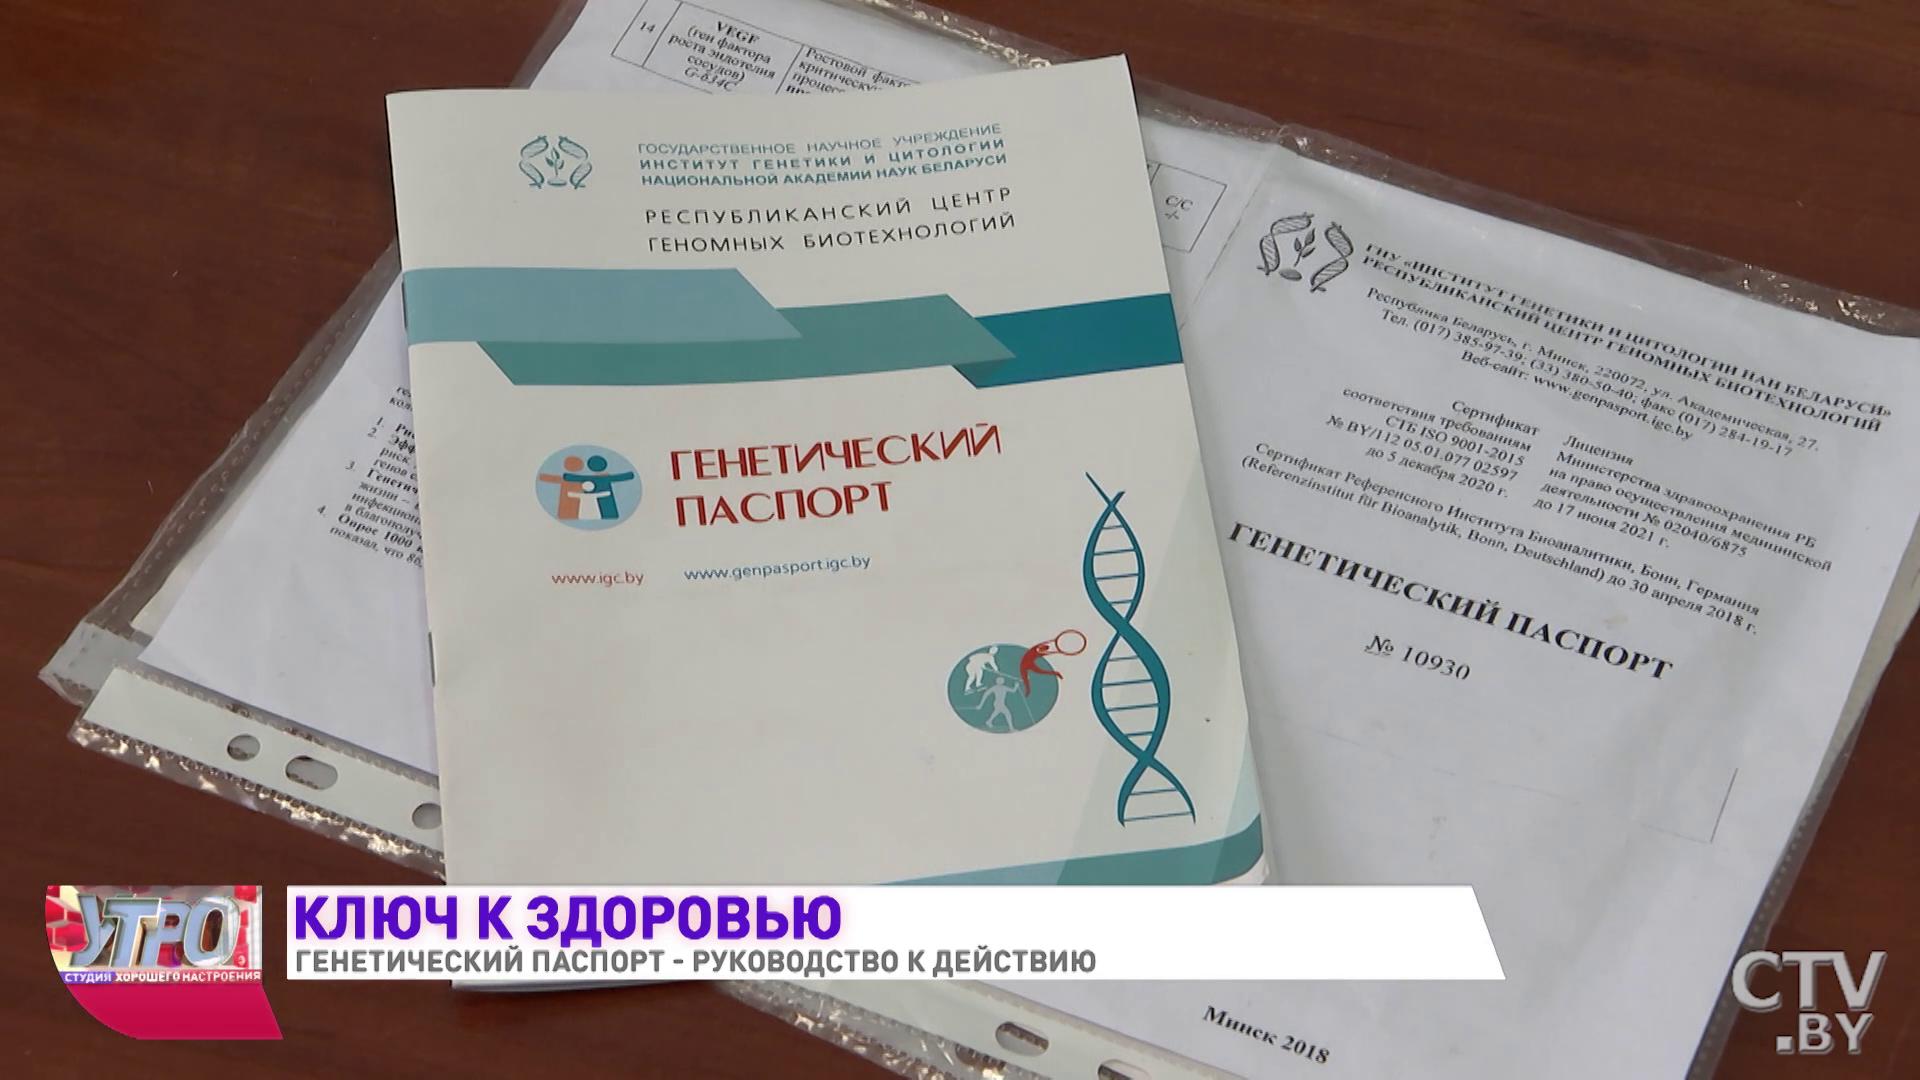 Генетическая генеалогия — википедия. что такое генетическая генеалогия